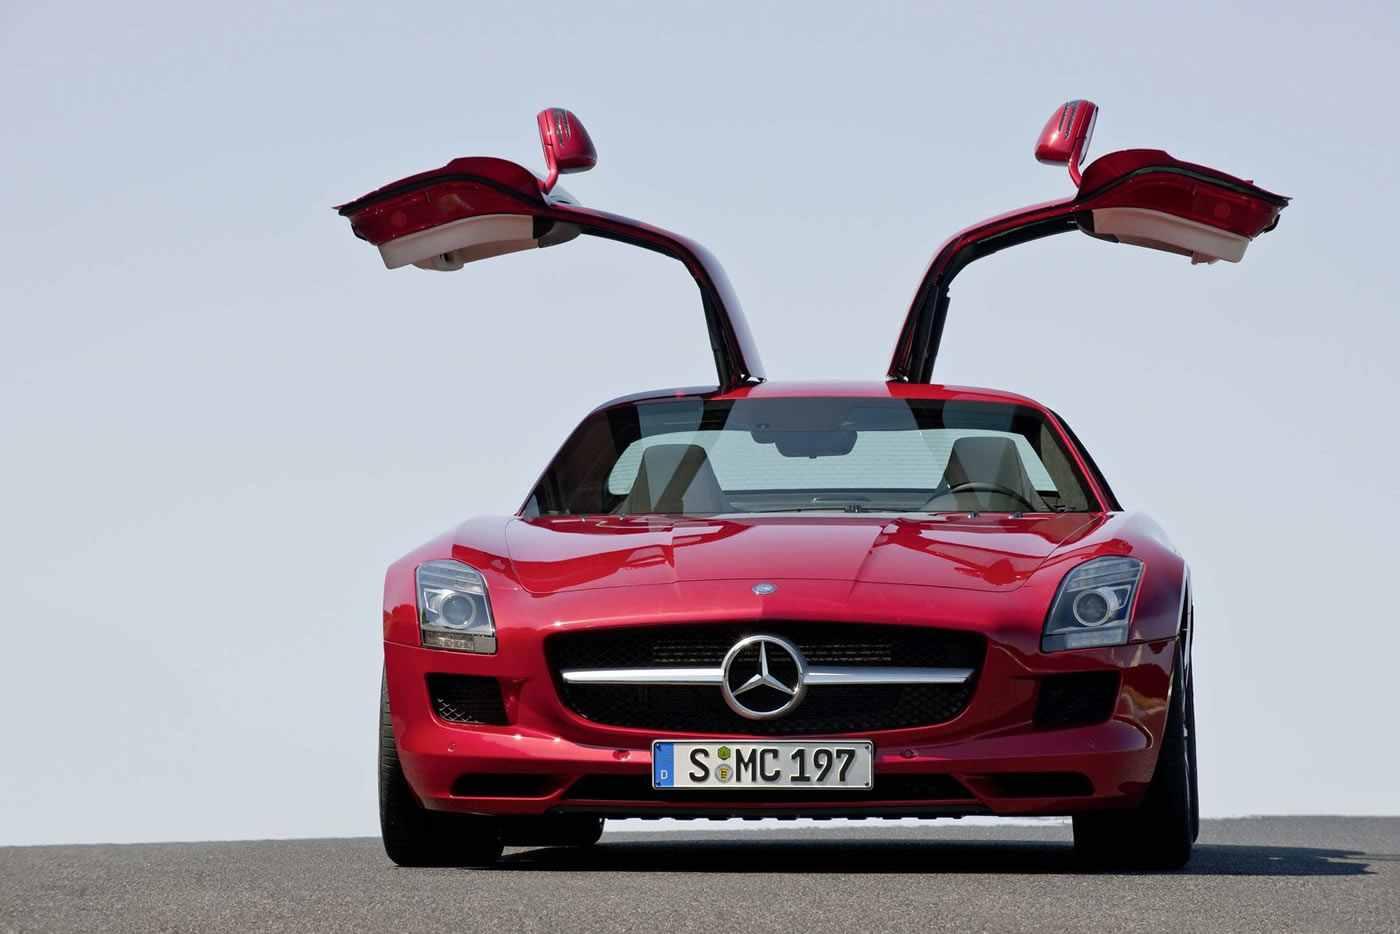 Mercedes (lat., Löhne!) von merces (Lohn). Stimmt, diese Autos hatten schon immer ihren Preis